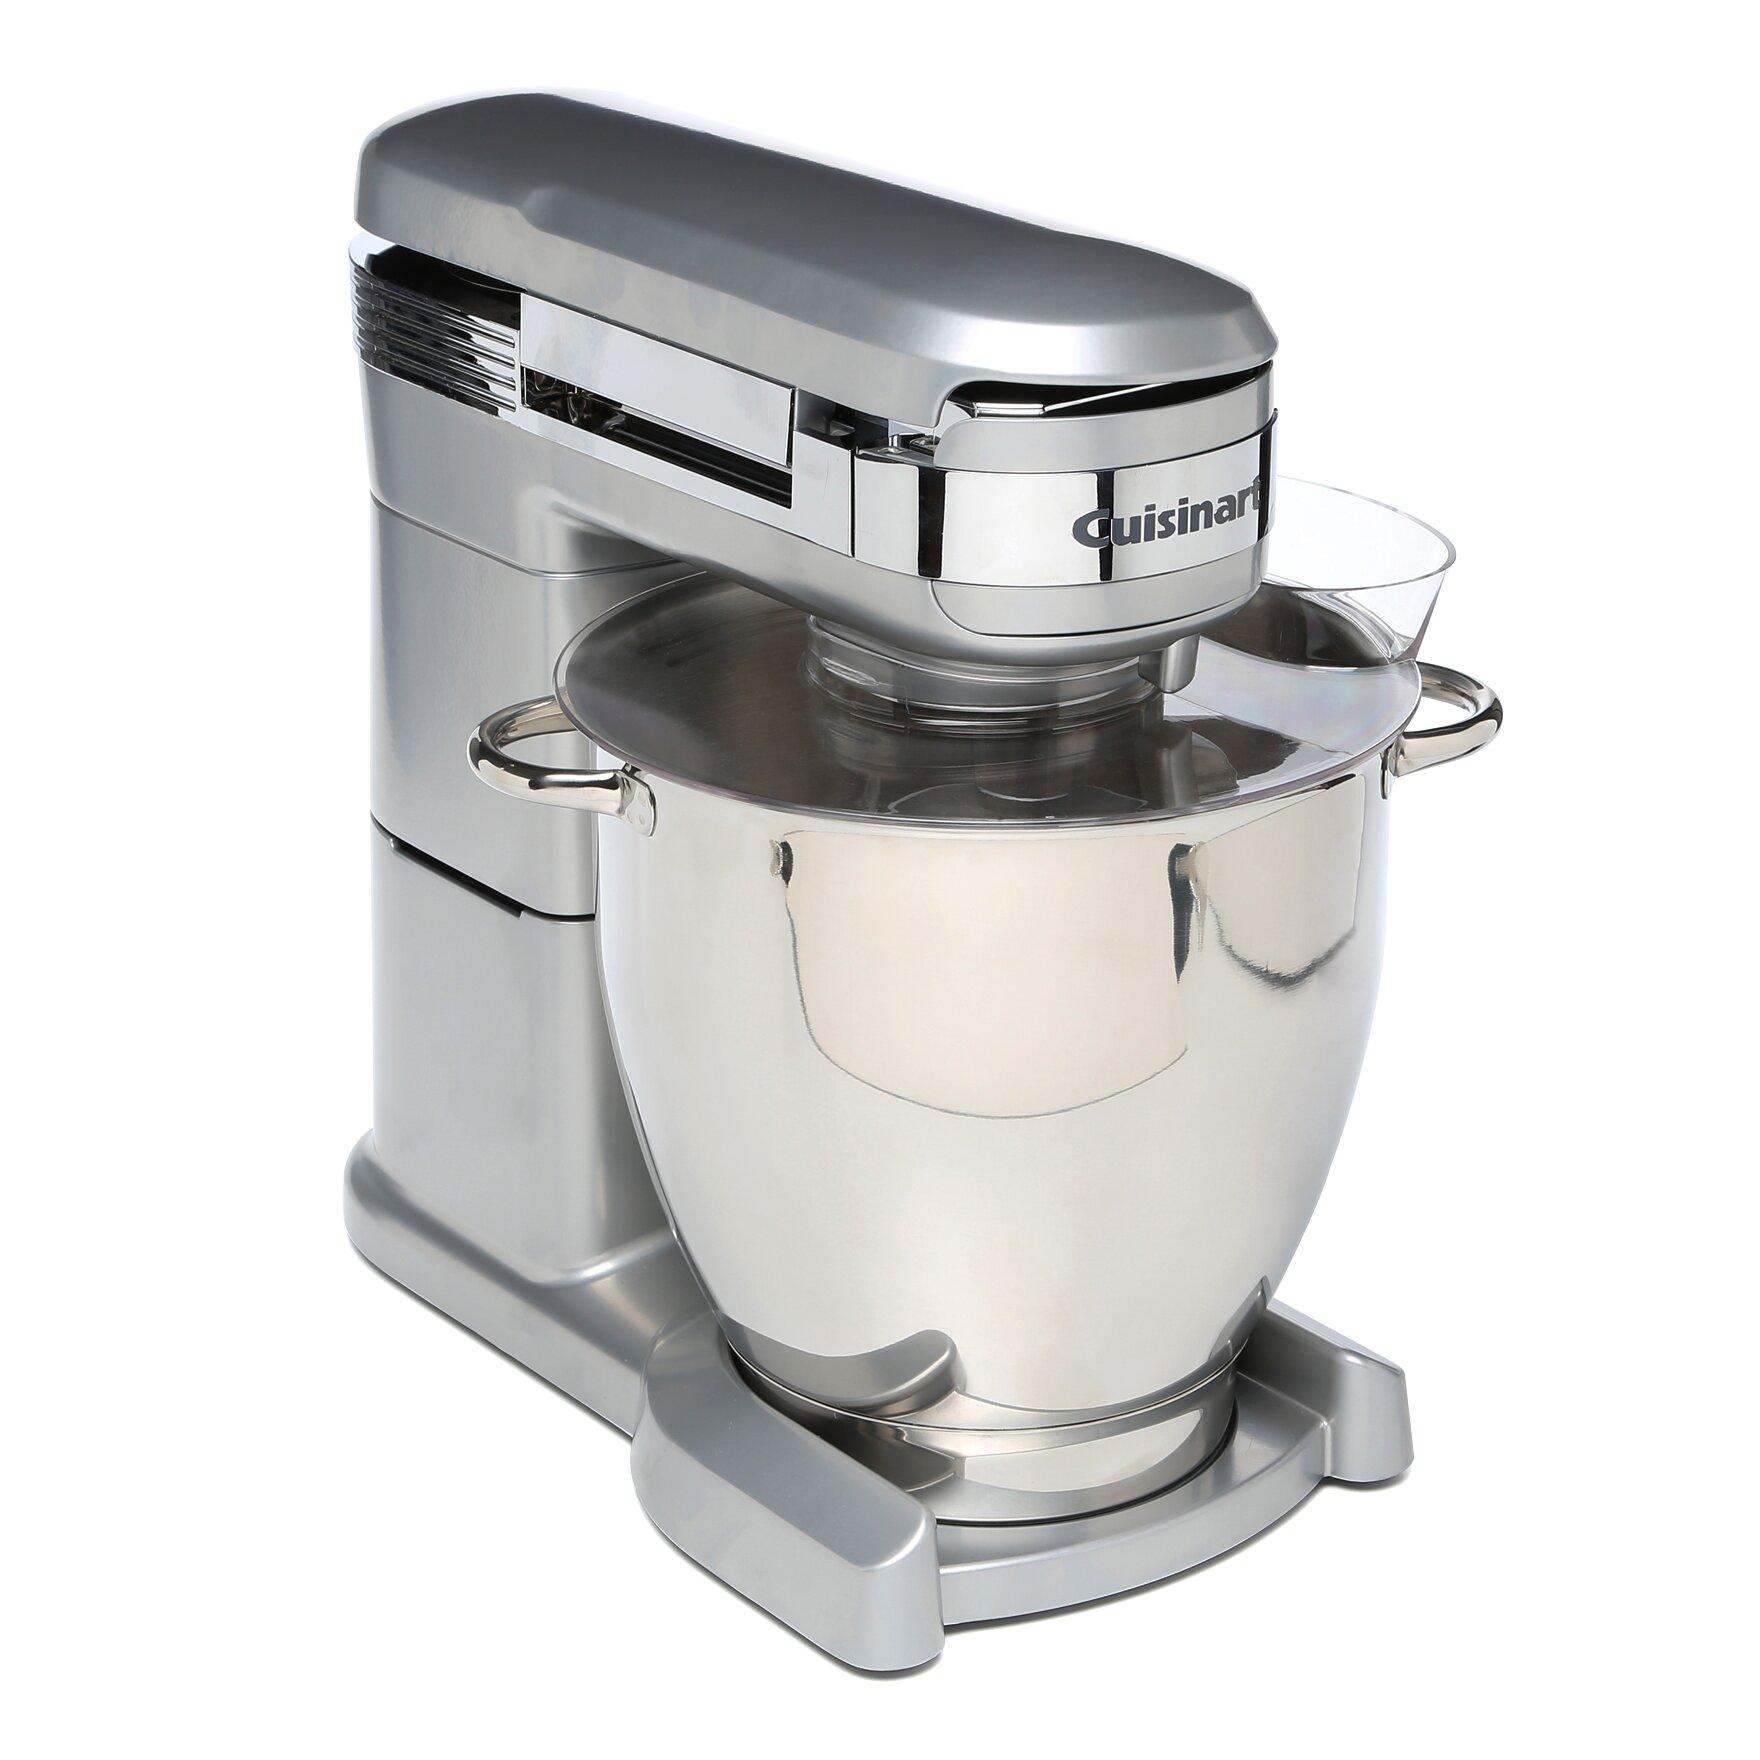 Cuisinart 7 Qt Stand Mixer Amp Reviews Wayfair